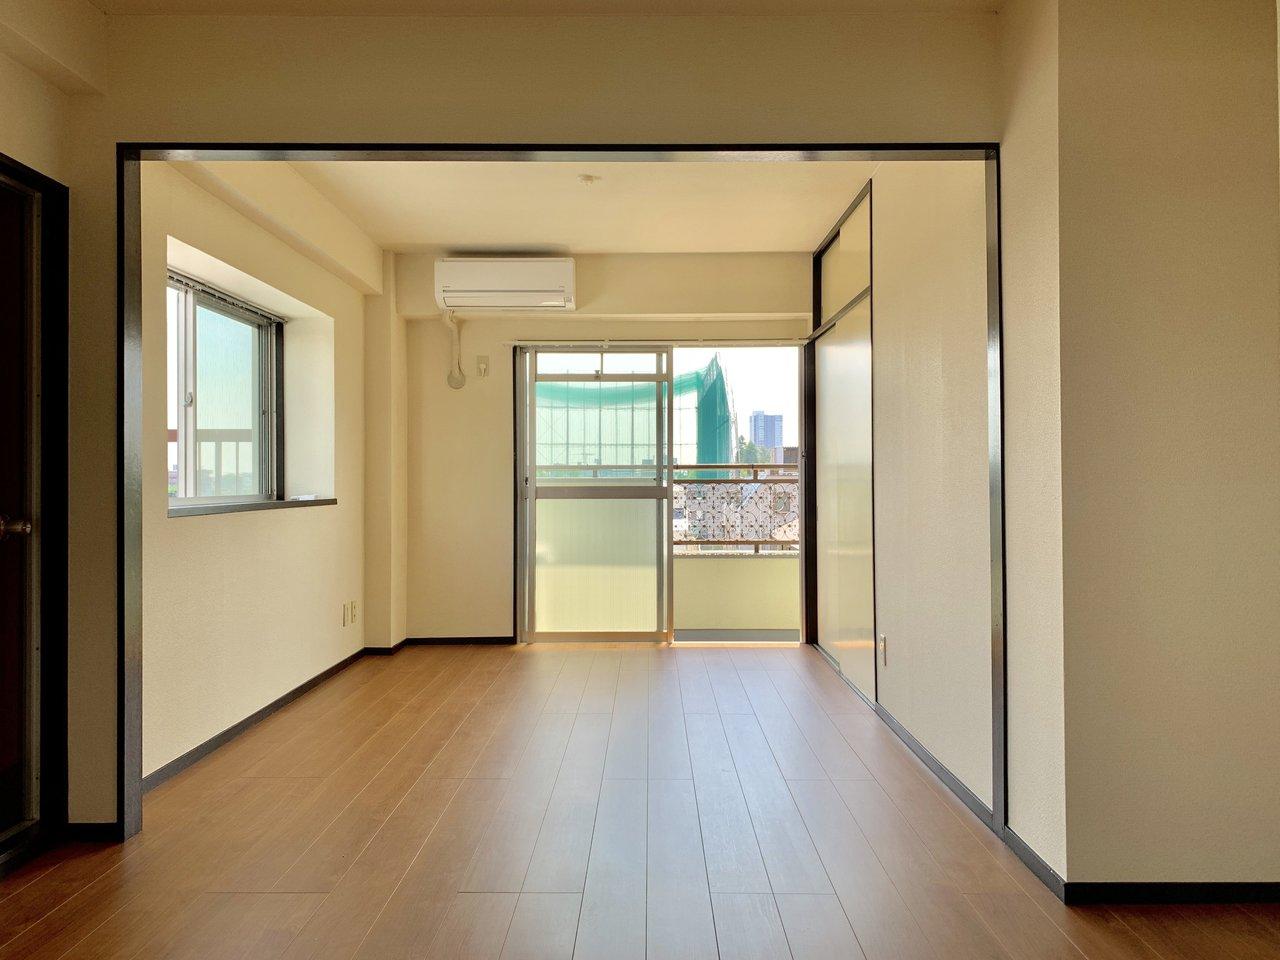 LDKも13畳!広々空間です。お気に入りの家具をどんな風に配置しよう?